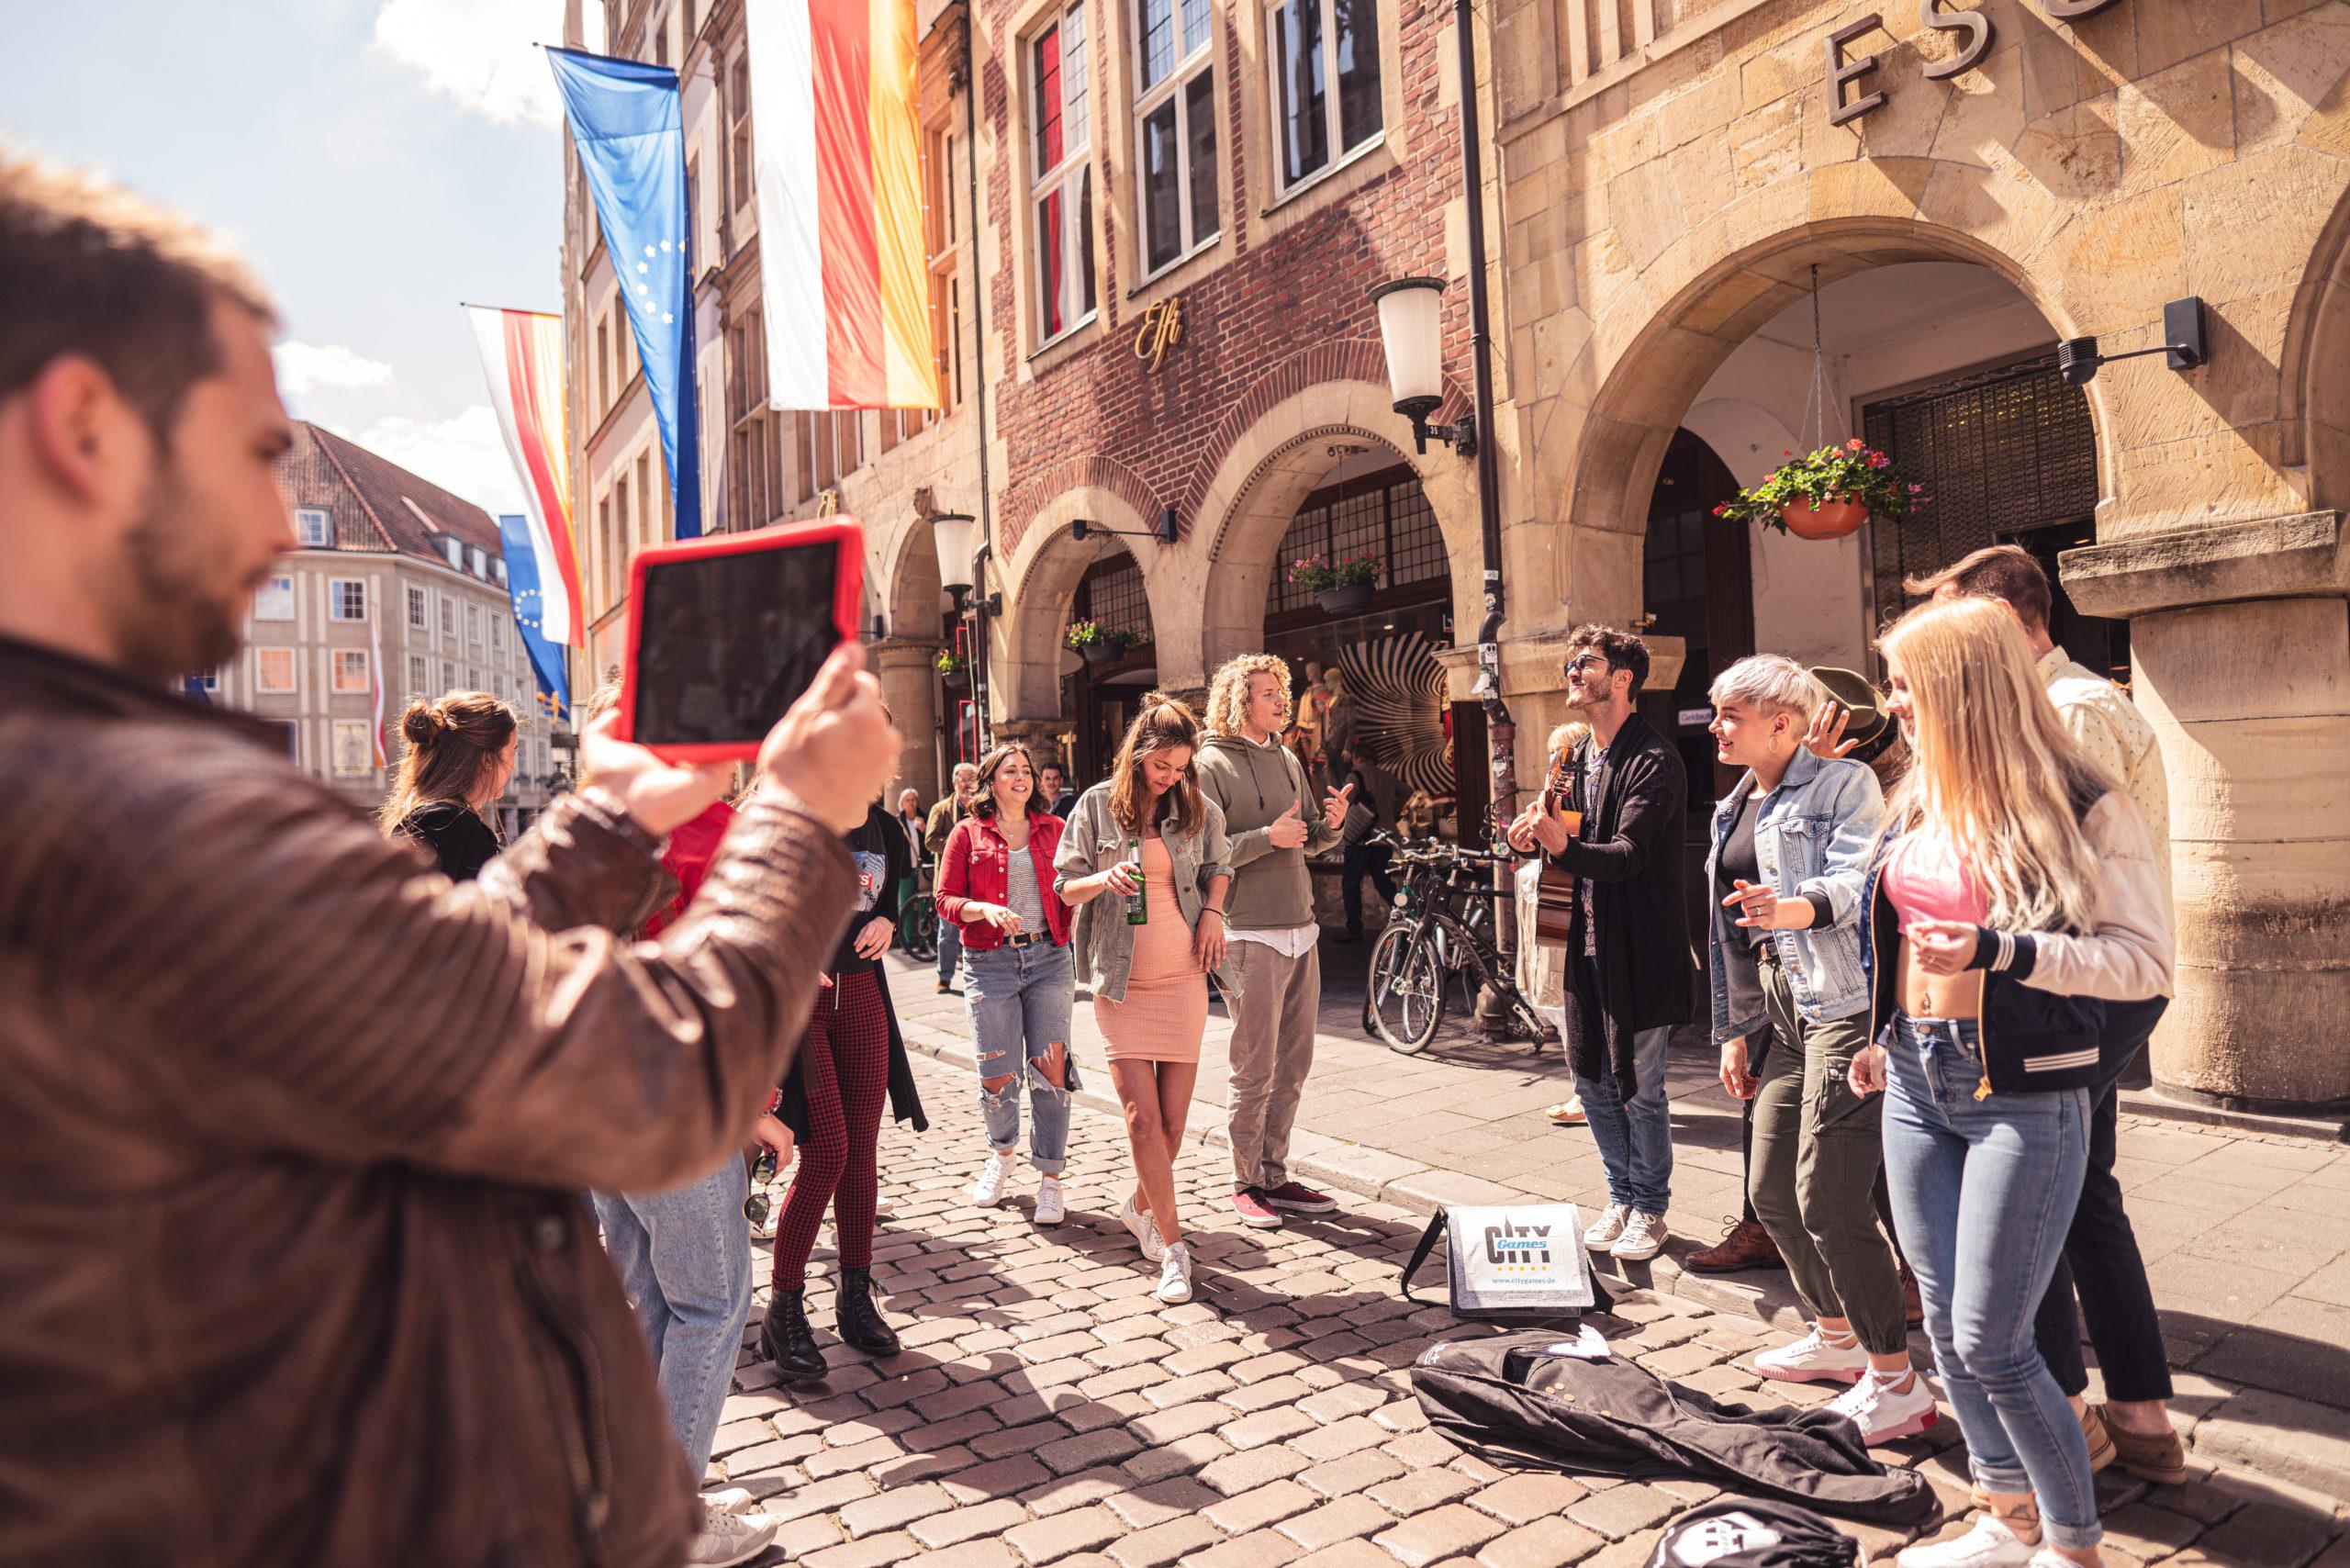 CityGames Mainz Sightseeing Party Tour: ausgelassene Partygruppe